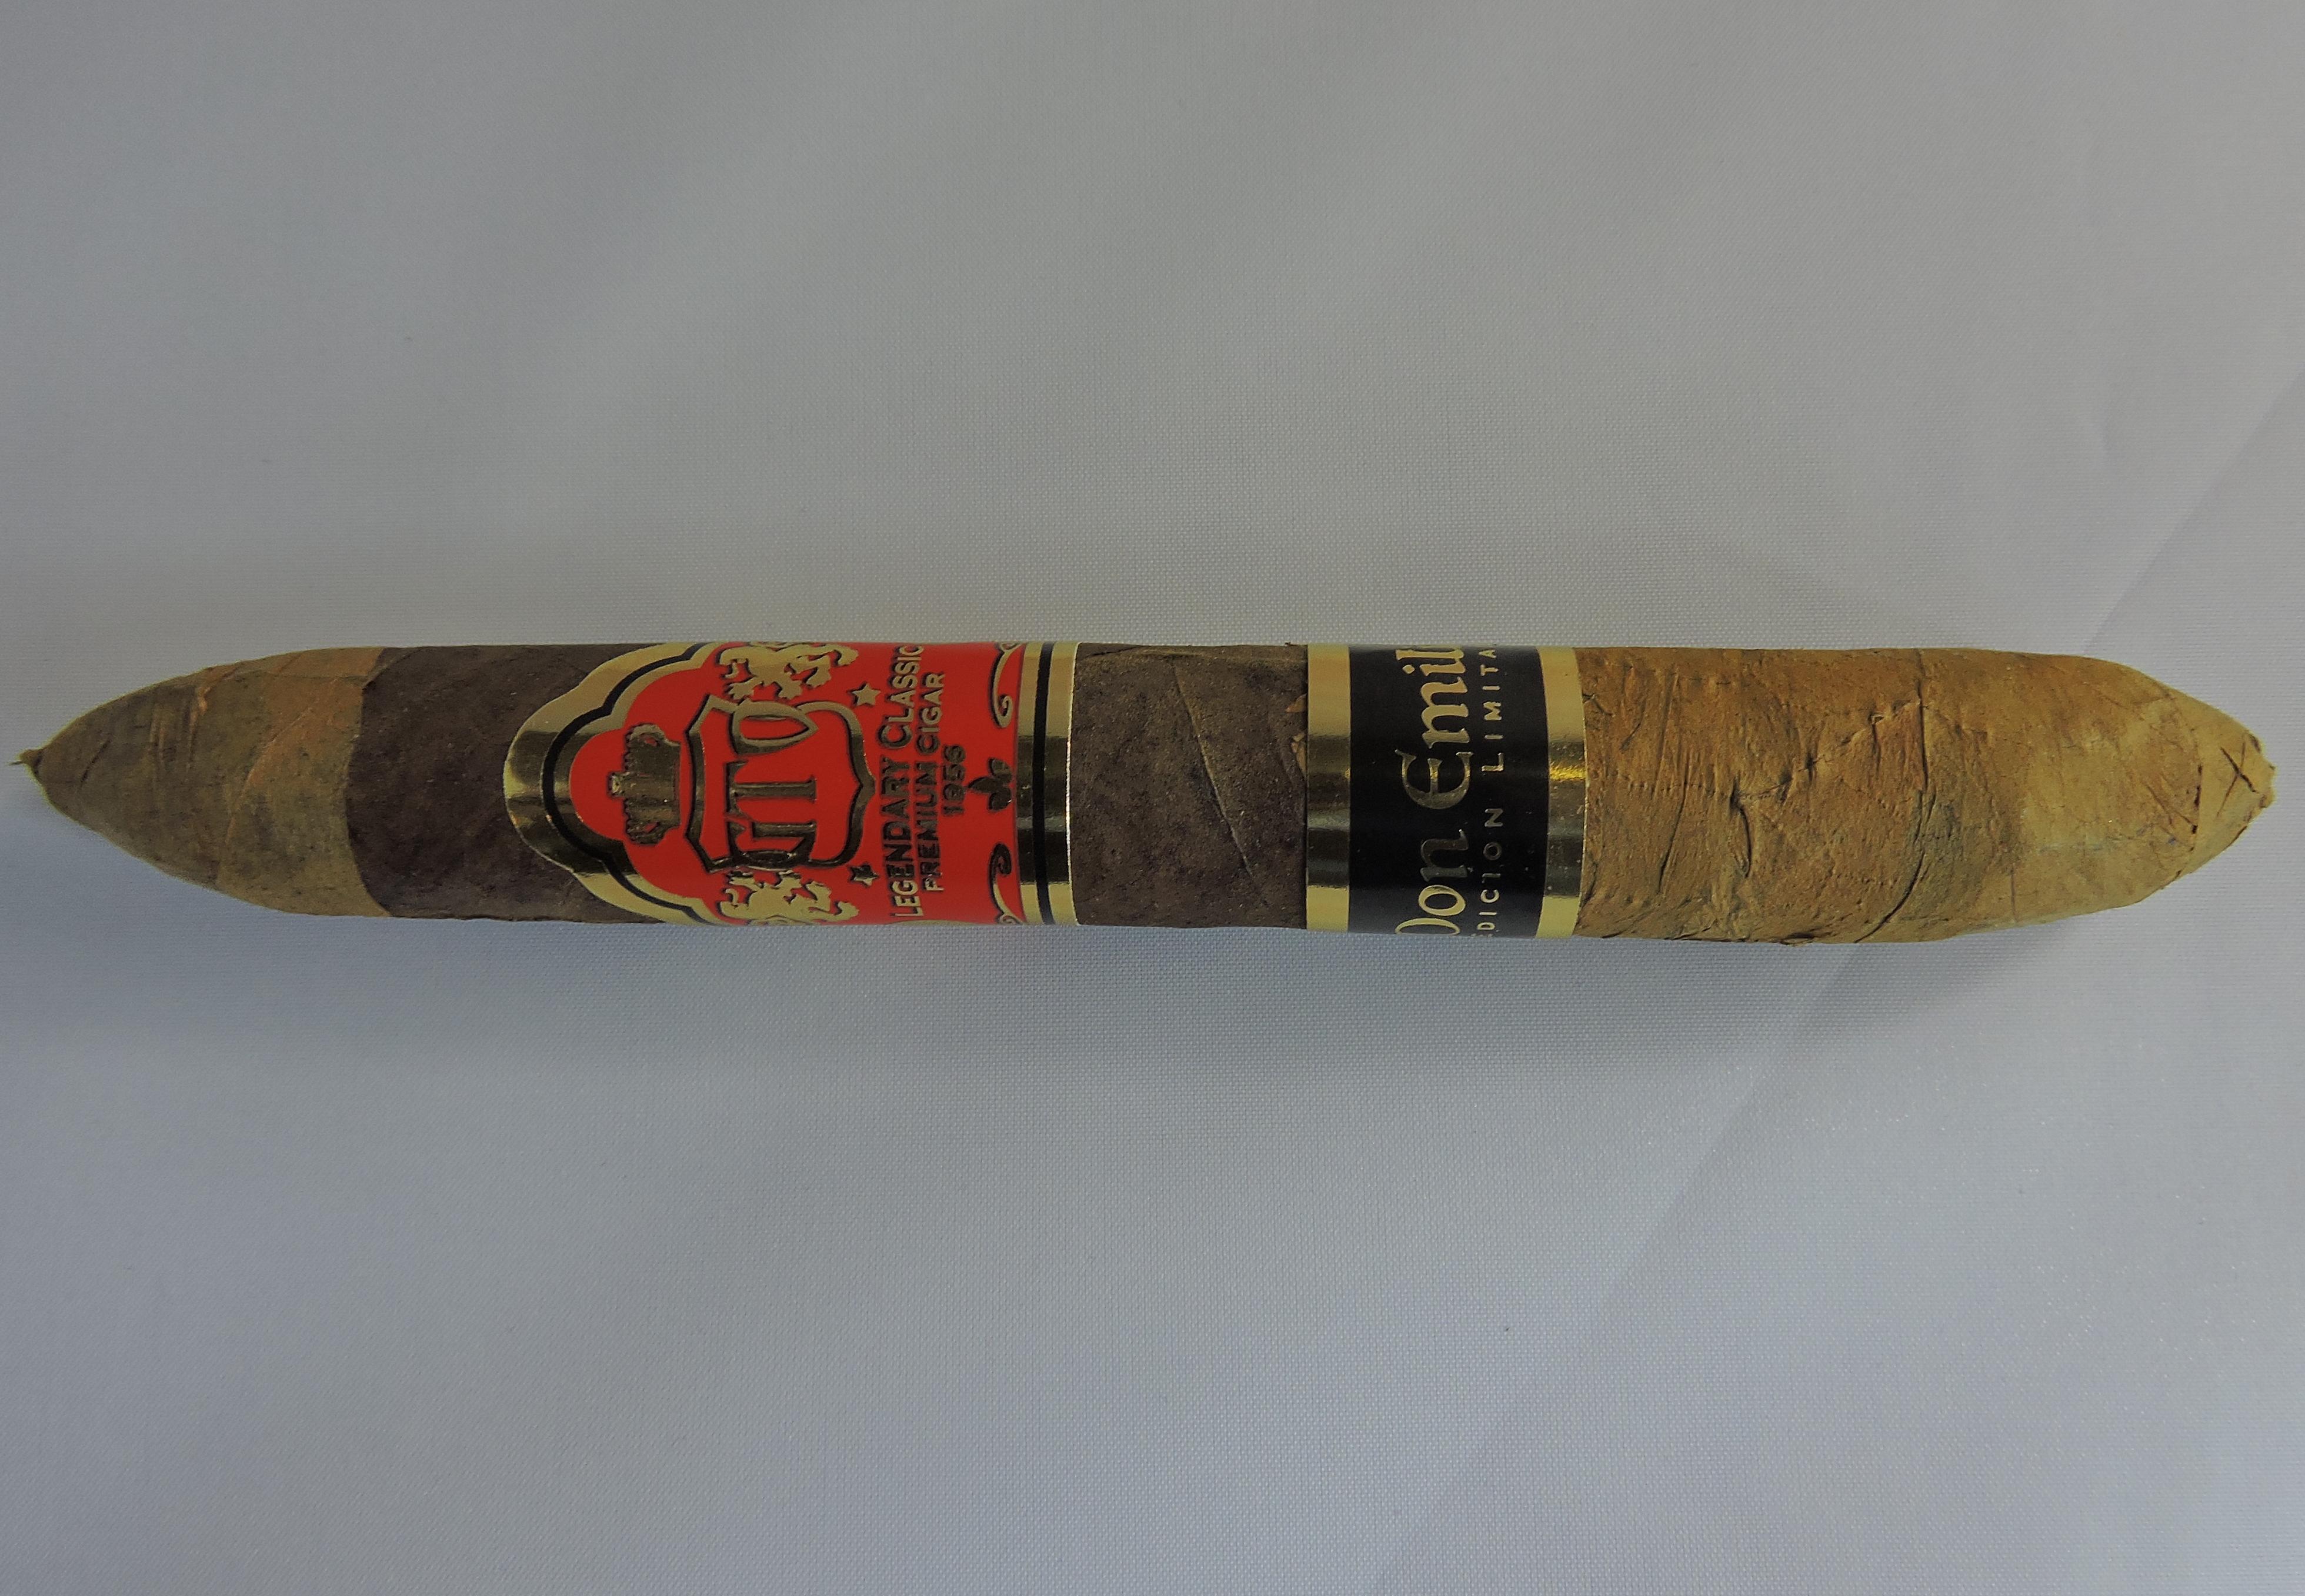 Cigar Review: GTO Don Emilio Edicion Limitada